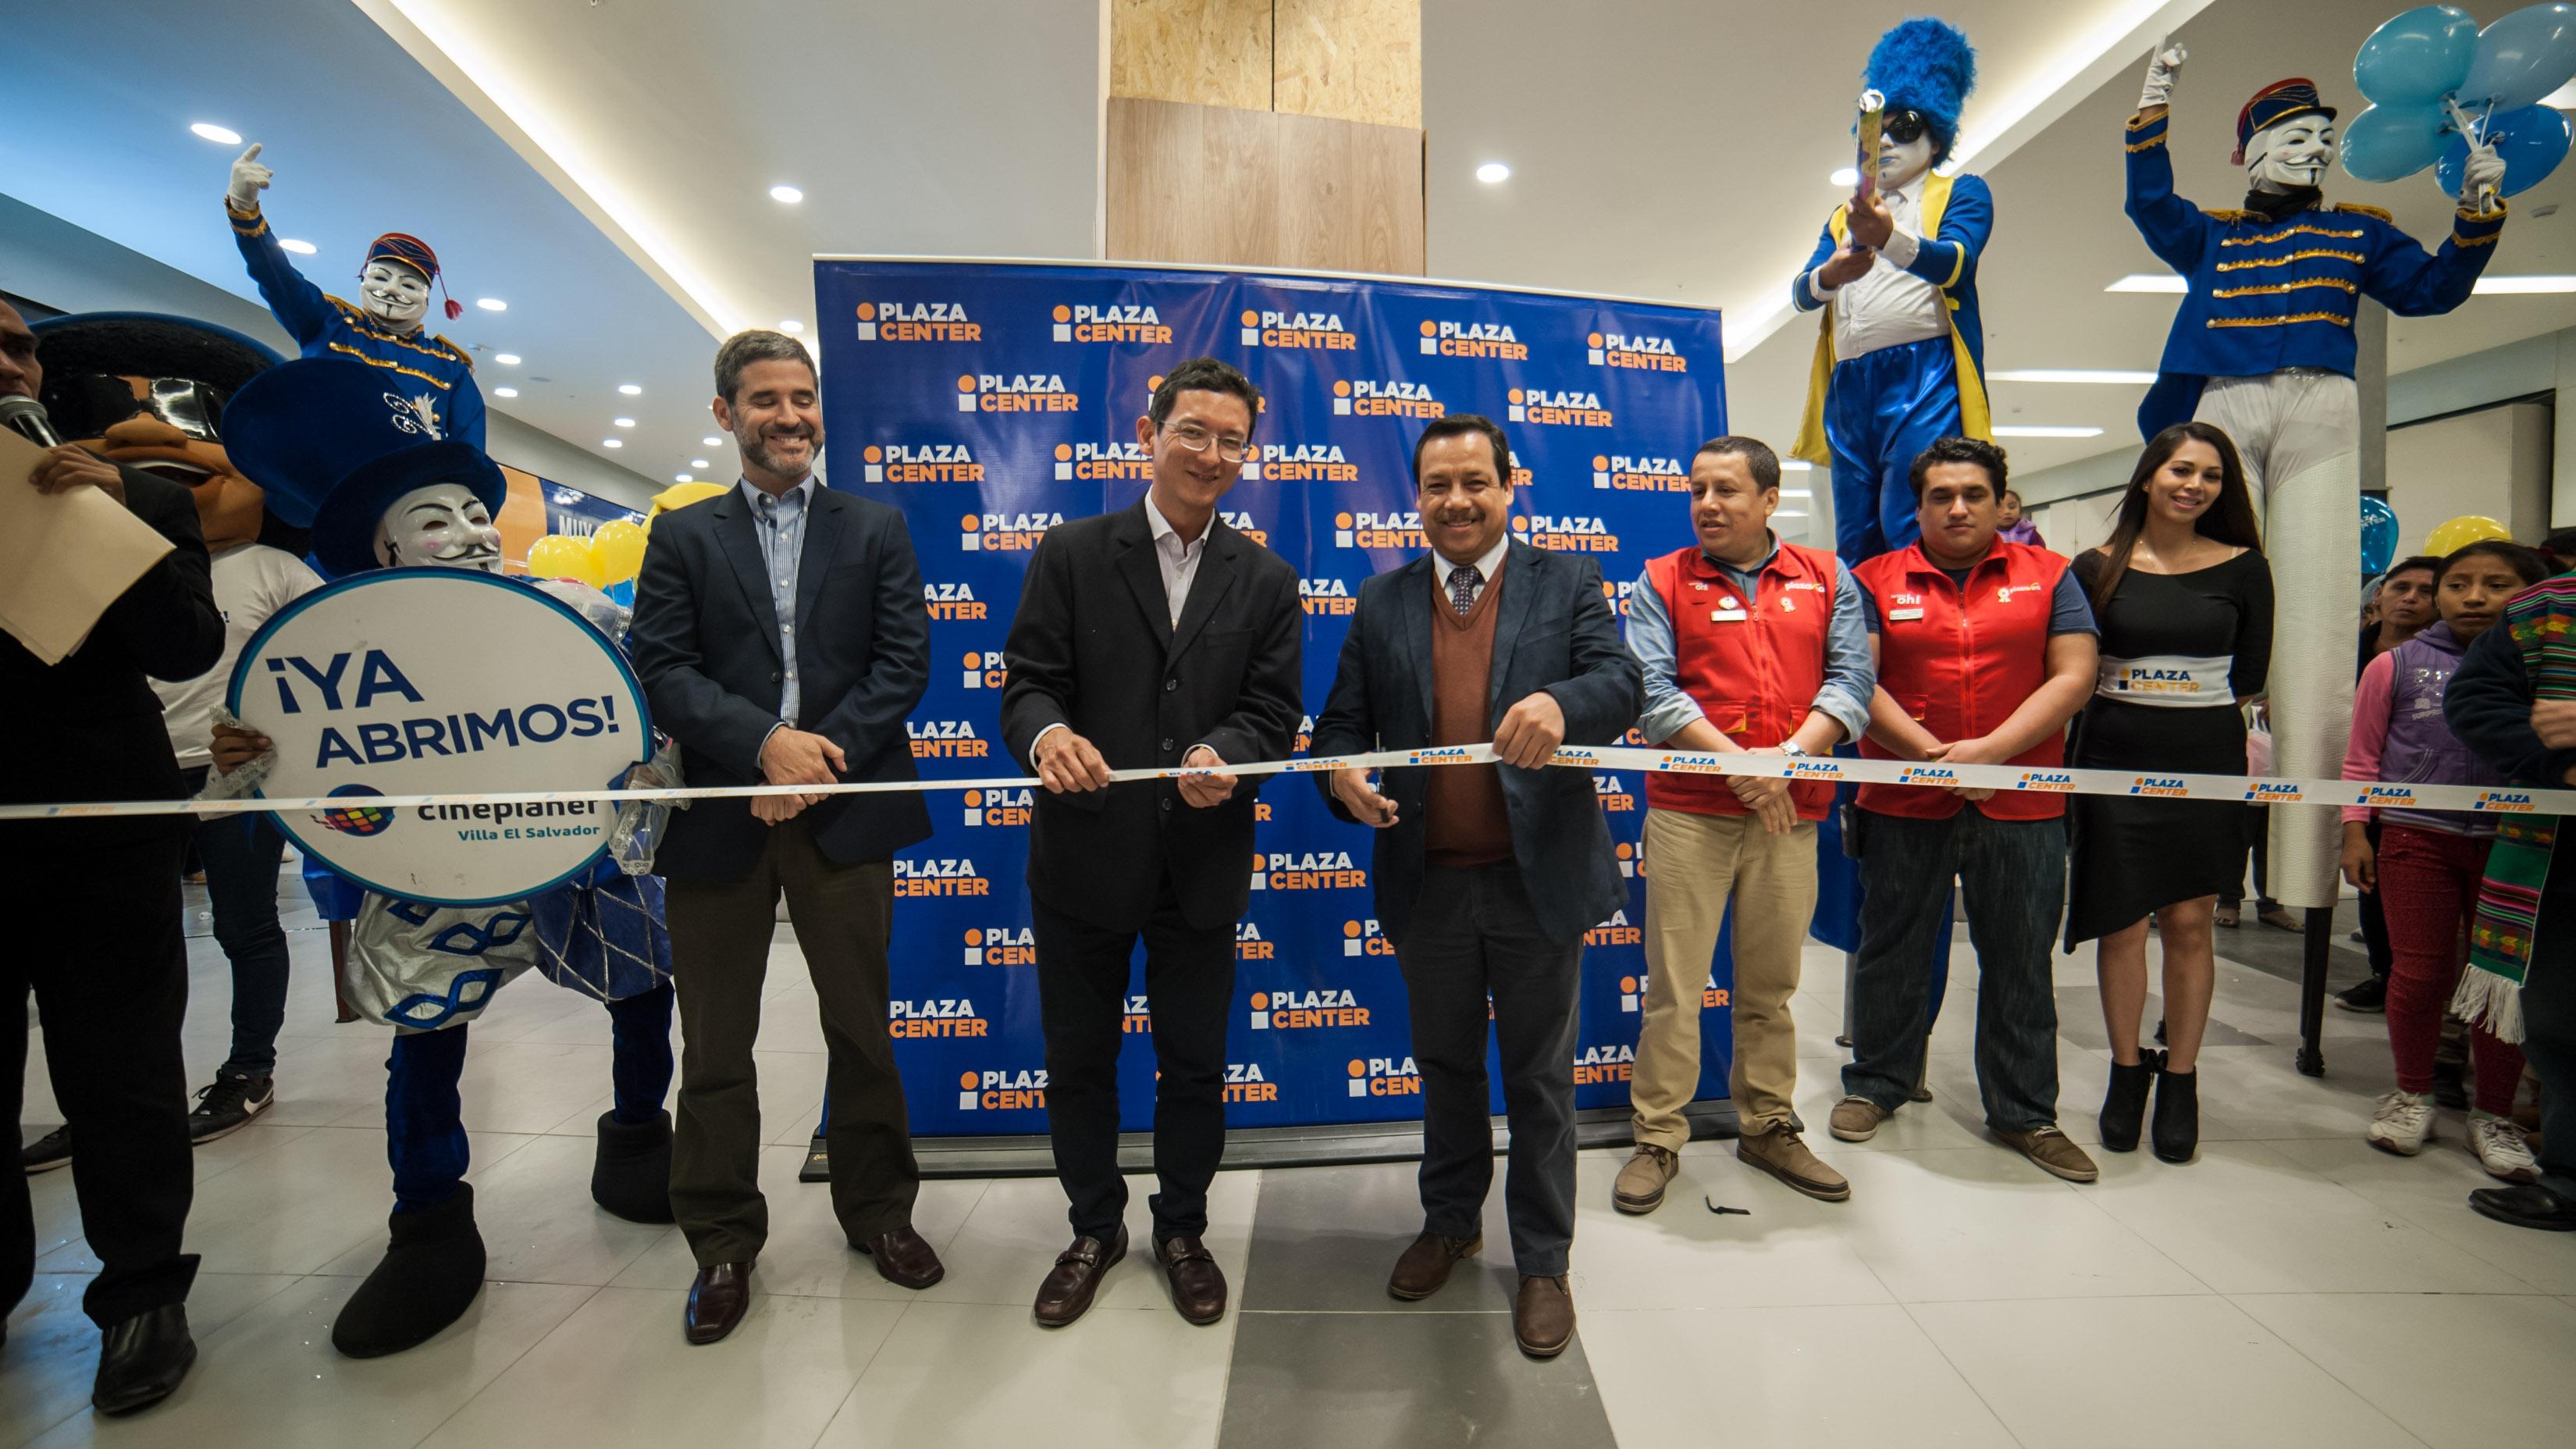 Inauguración Plaza Center VMT 1 - Perú: Plaza Center abrirá en Ilo y Tarapoto antes de fin de año